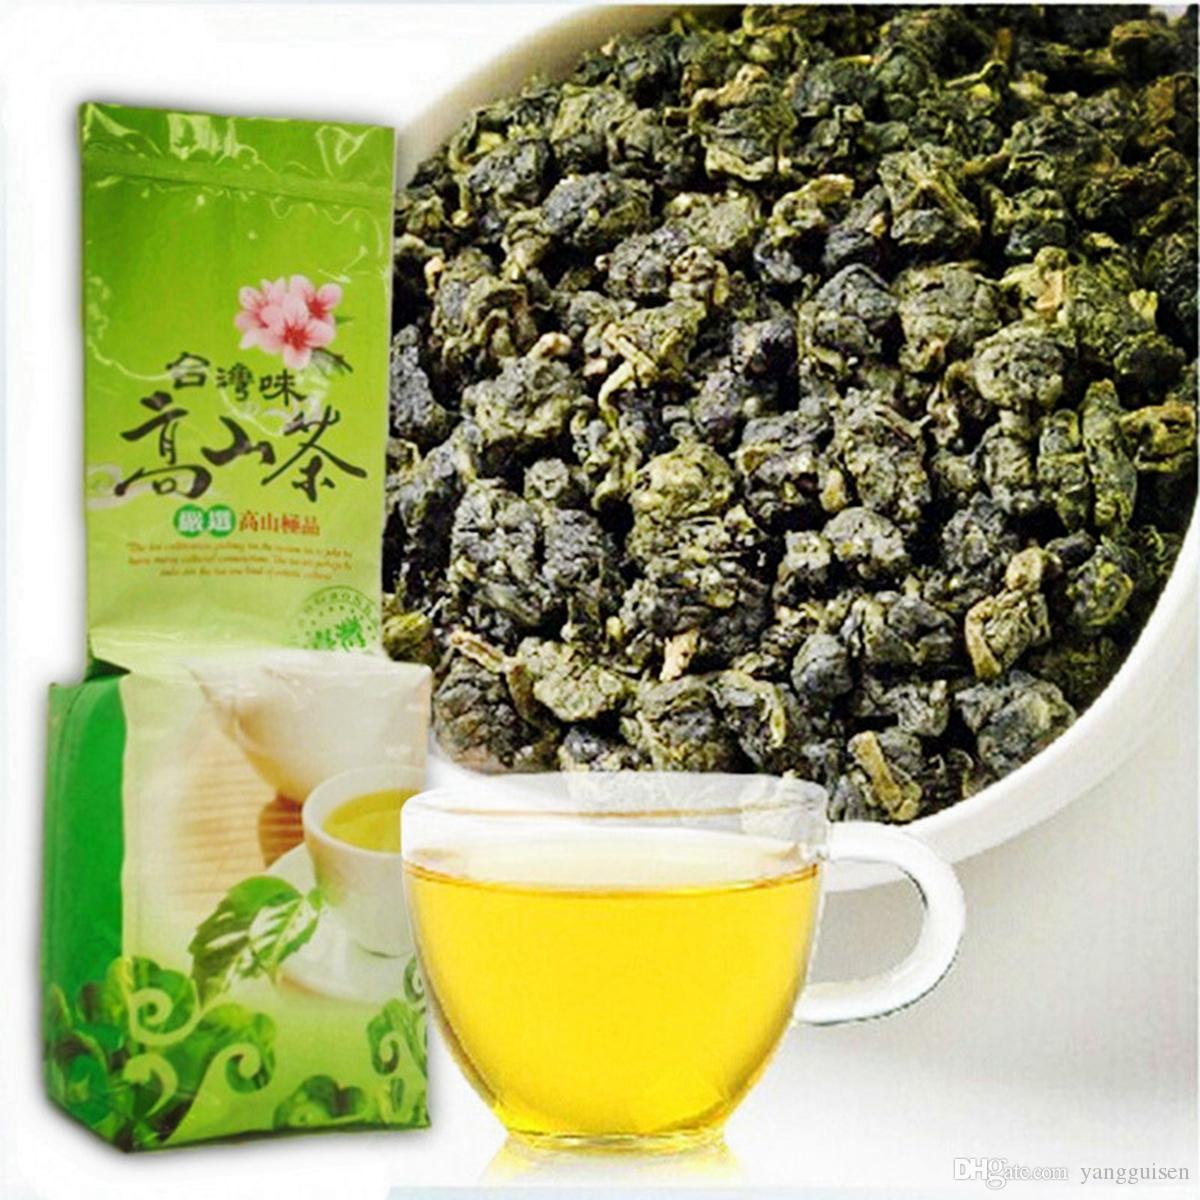 250g orgânico verde chá chinês Superior Taiwan Destaque chá Oolong Leite Saúde chá novo Spring Green Promoção Food